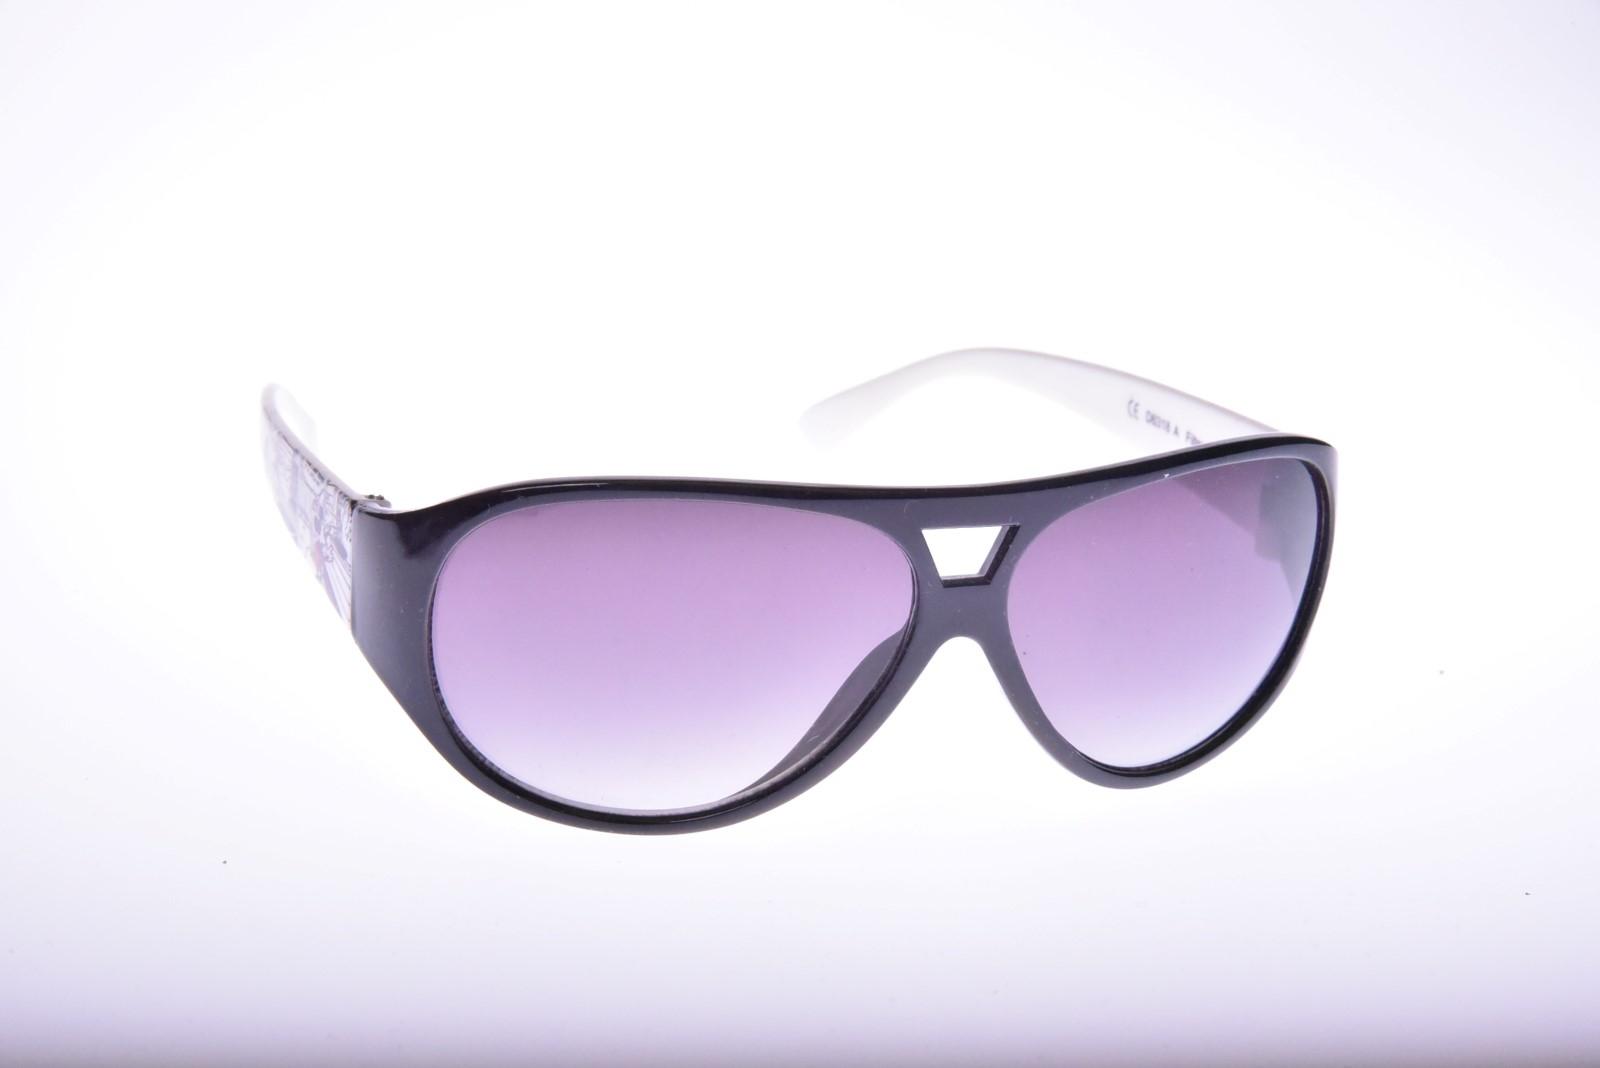 Polaroid Disney D6318A - Slnečné okuliare pre deti 8-12 r.